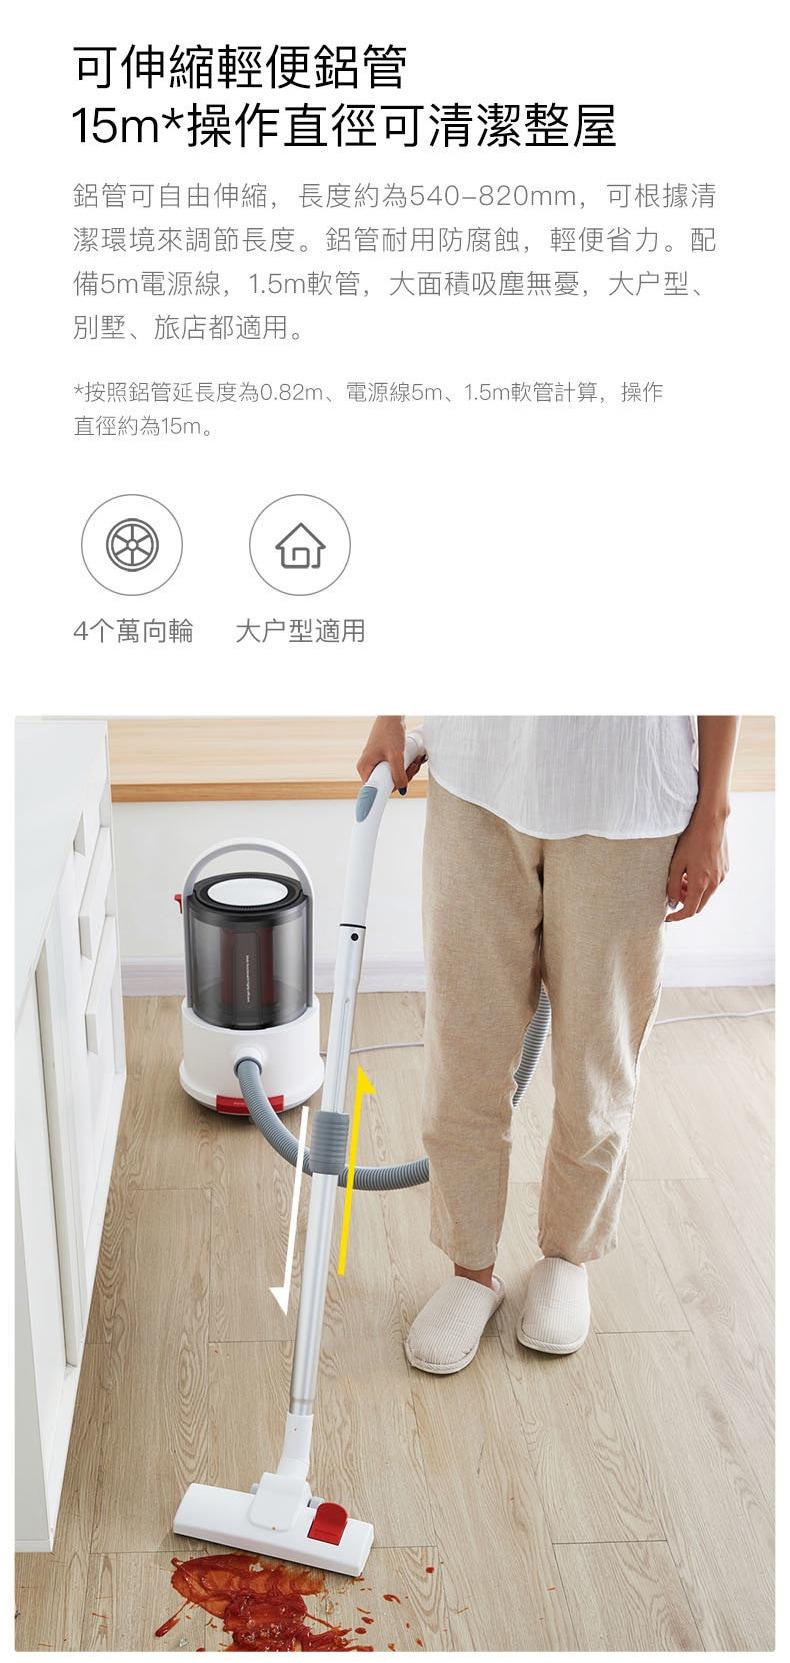 Deerma 德爾瑪 TJ200H 多功能桶型吸水吸塵機 香港版